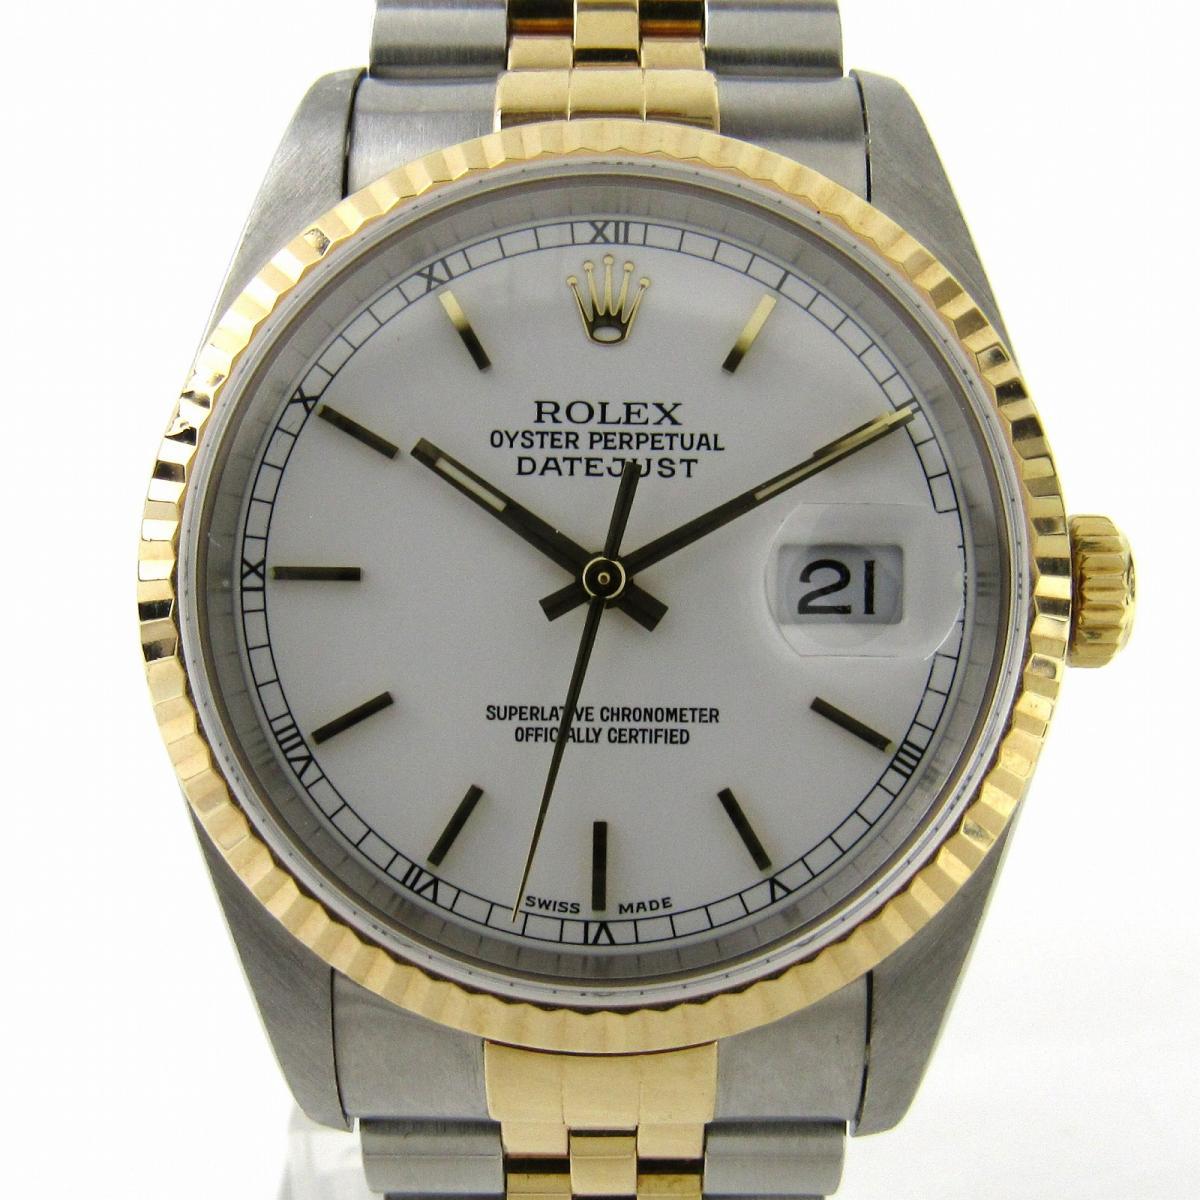 【中古】 ロレックス デイトジャスト ウォッチ 腕時計 メンズ K18YG (750) イエローゴールド x ステンレススチール (SS) (16233) | ROLEX デイトジャスト 美品 ブランドオフ